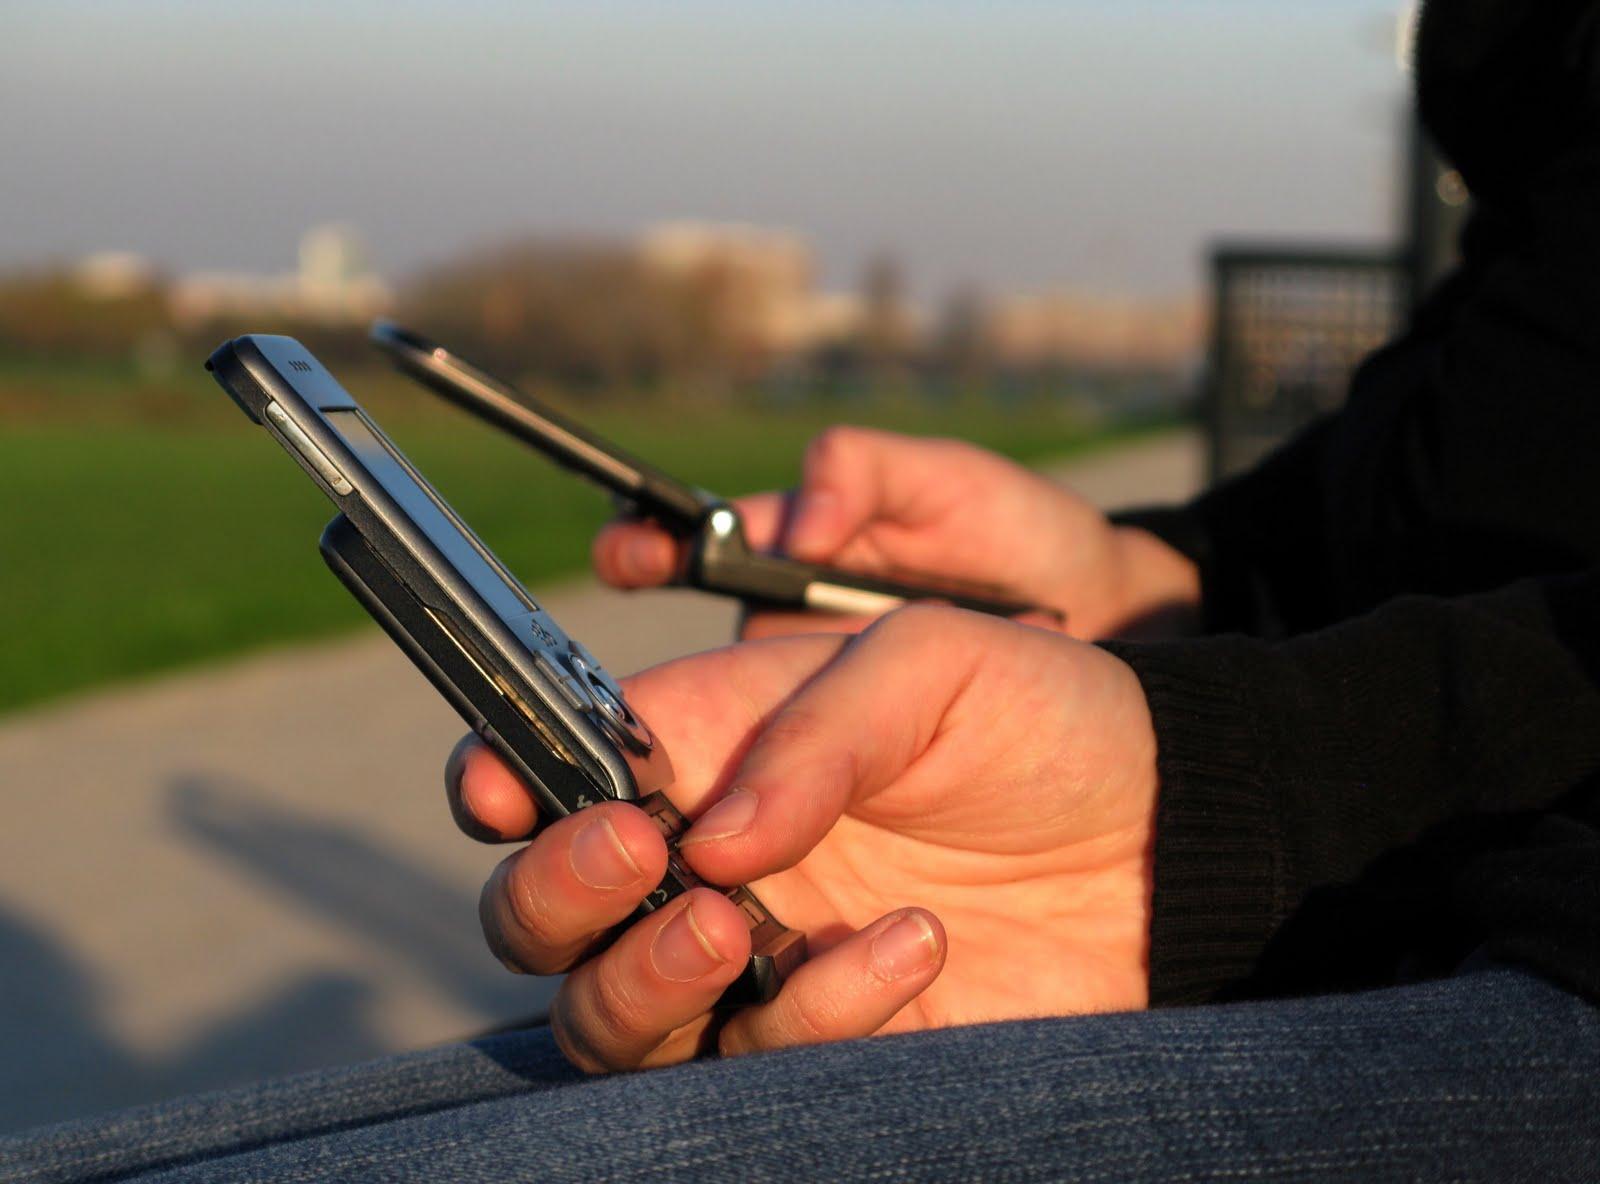 Spopola la telefonia mobile: 96 miliardi di sms in un anno